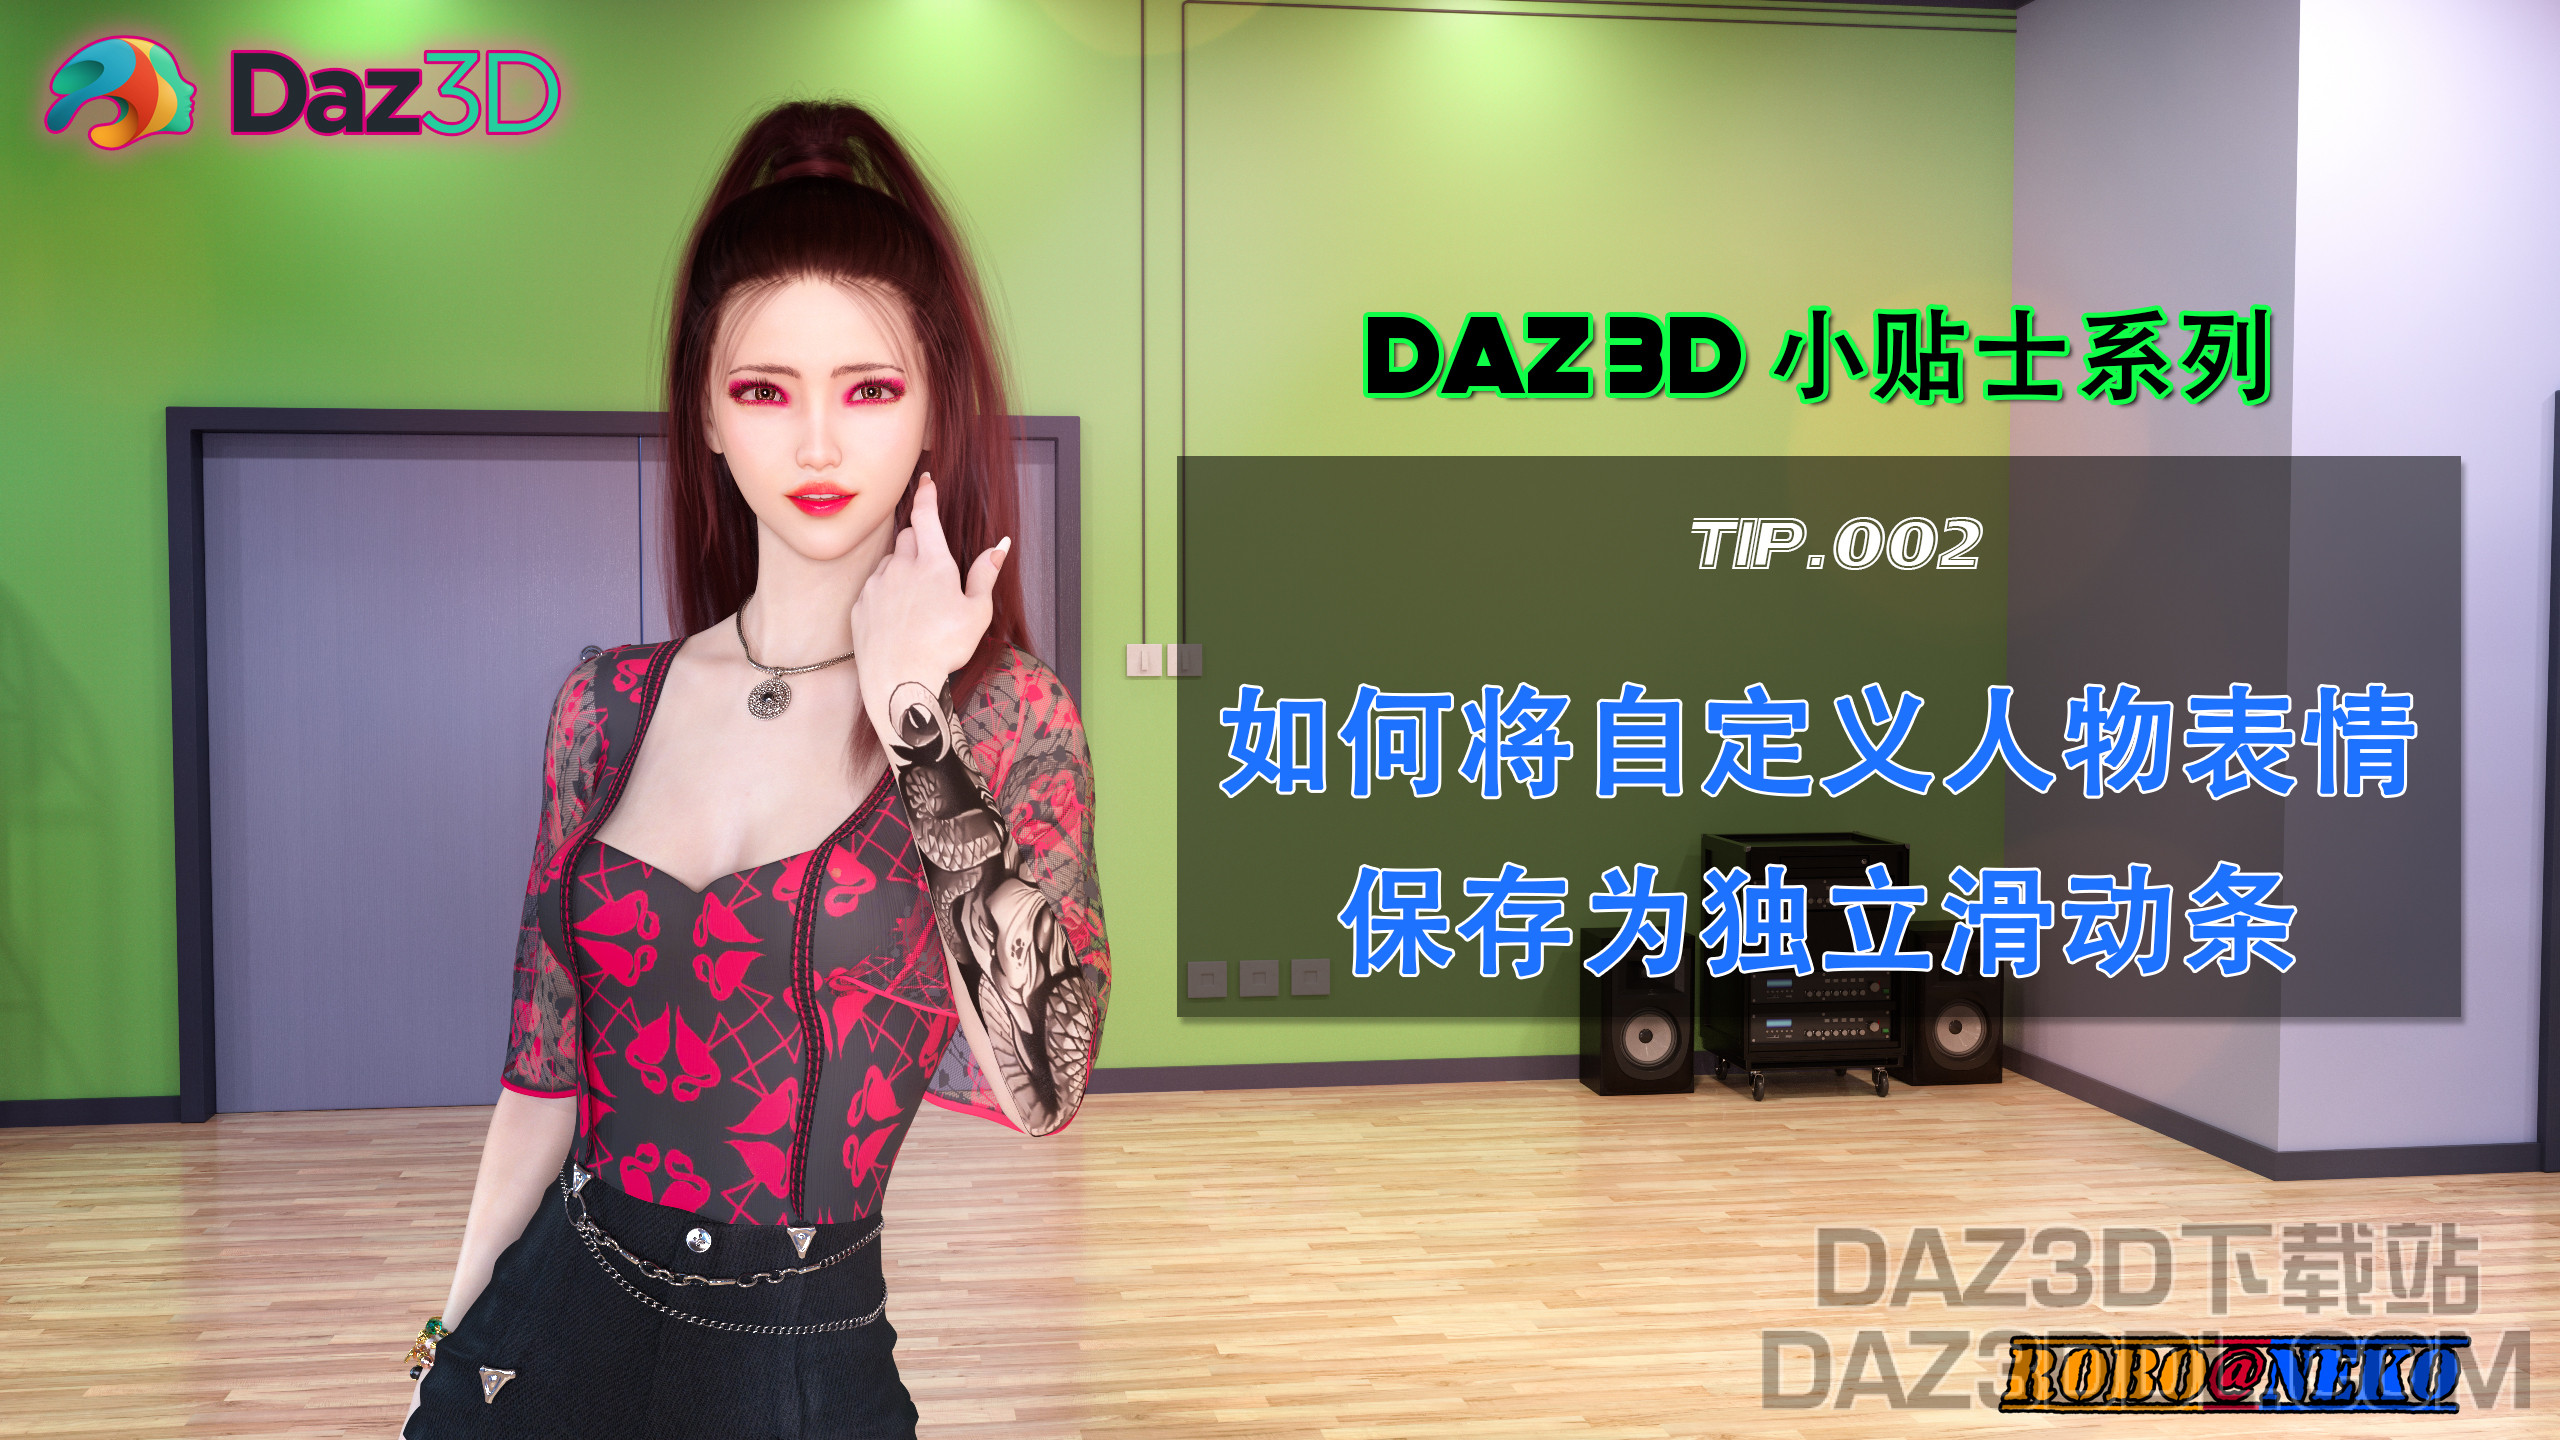 教程视频封面2560 - TIP.002.jpg